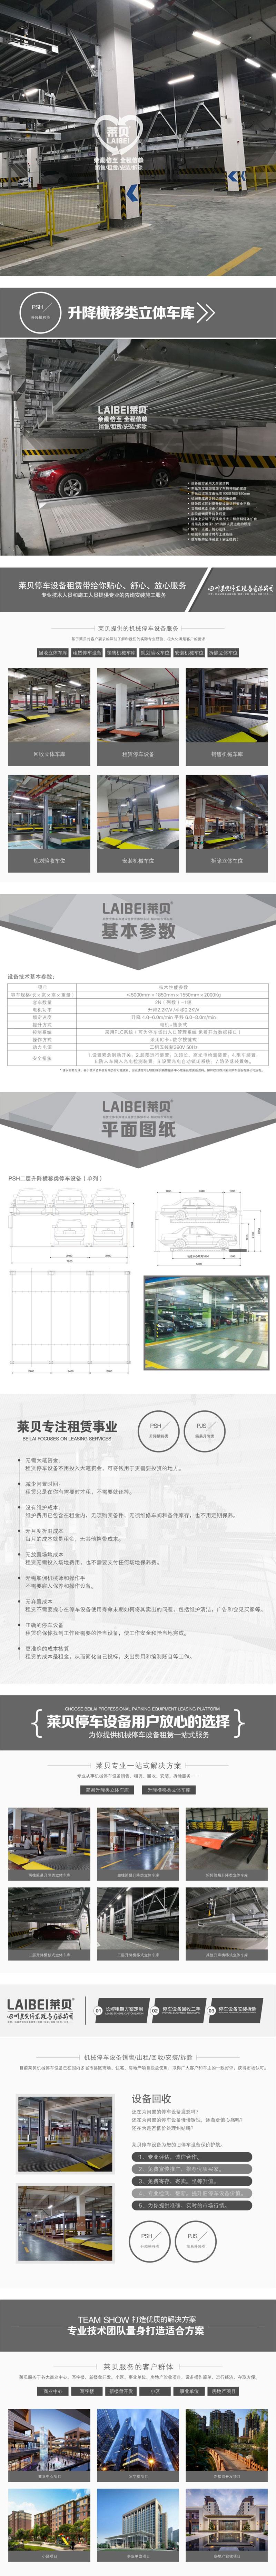 云南省麻栗坡機械車庫租賃,機械式車位多層租用,萊貝立體停車設備過規劃